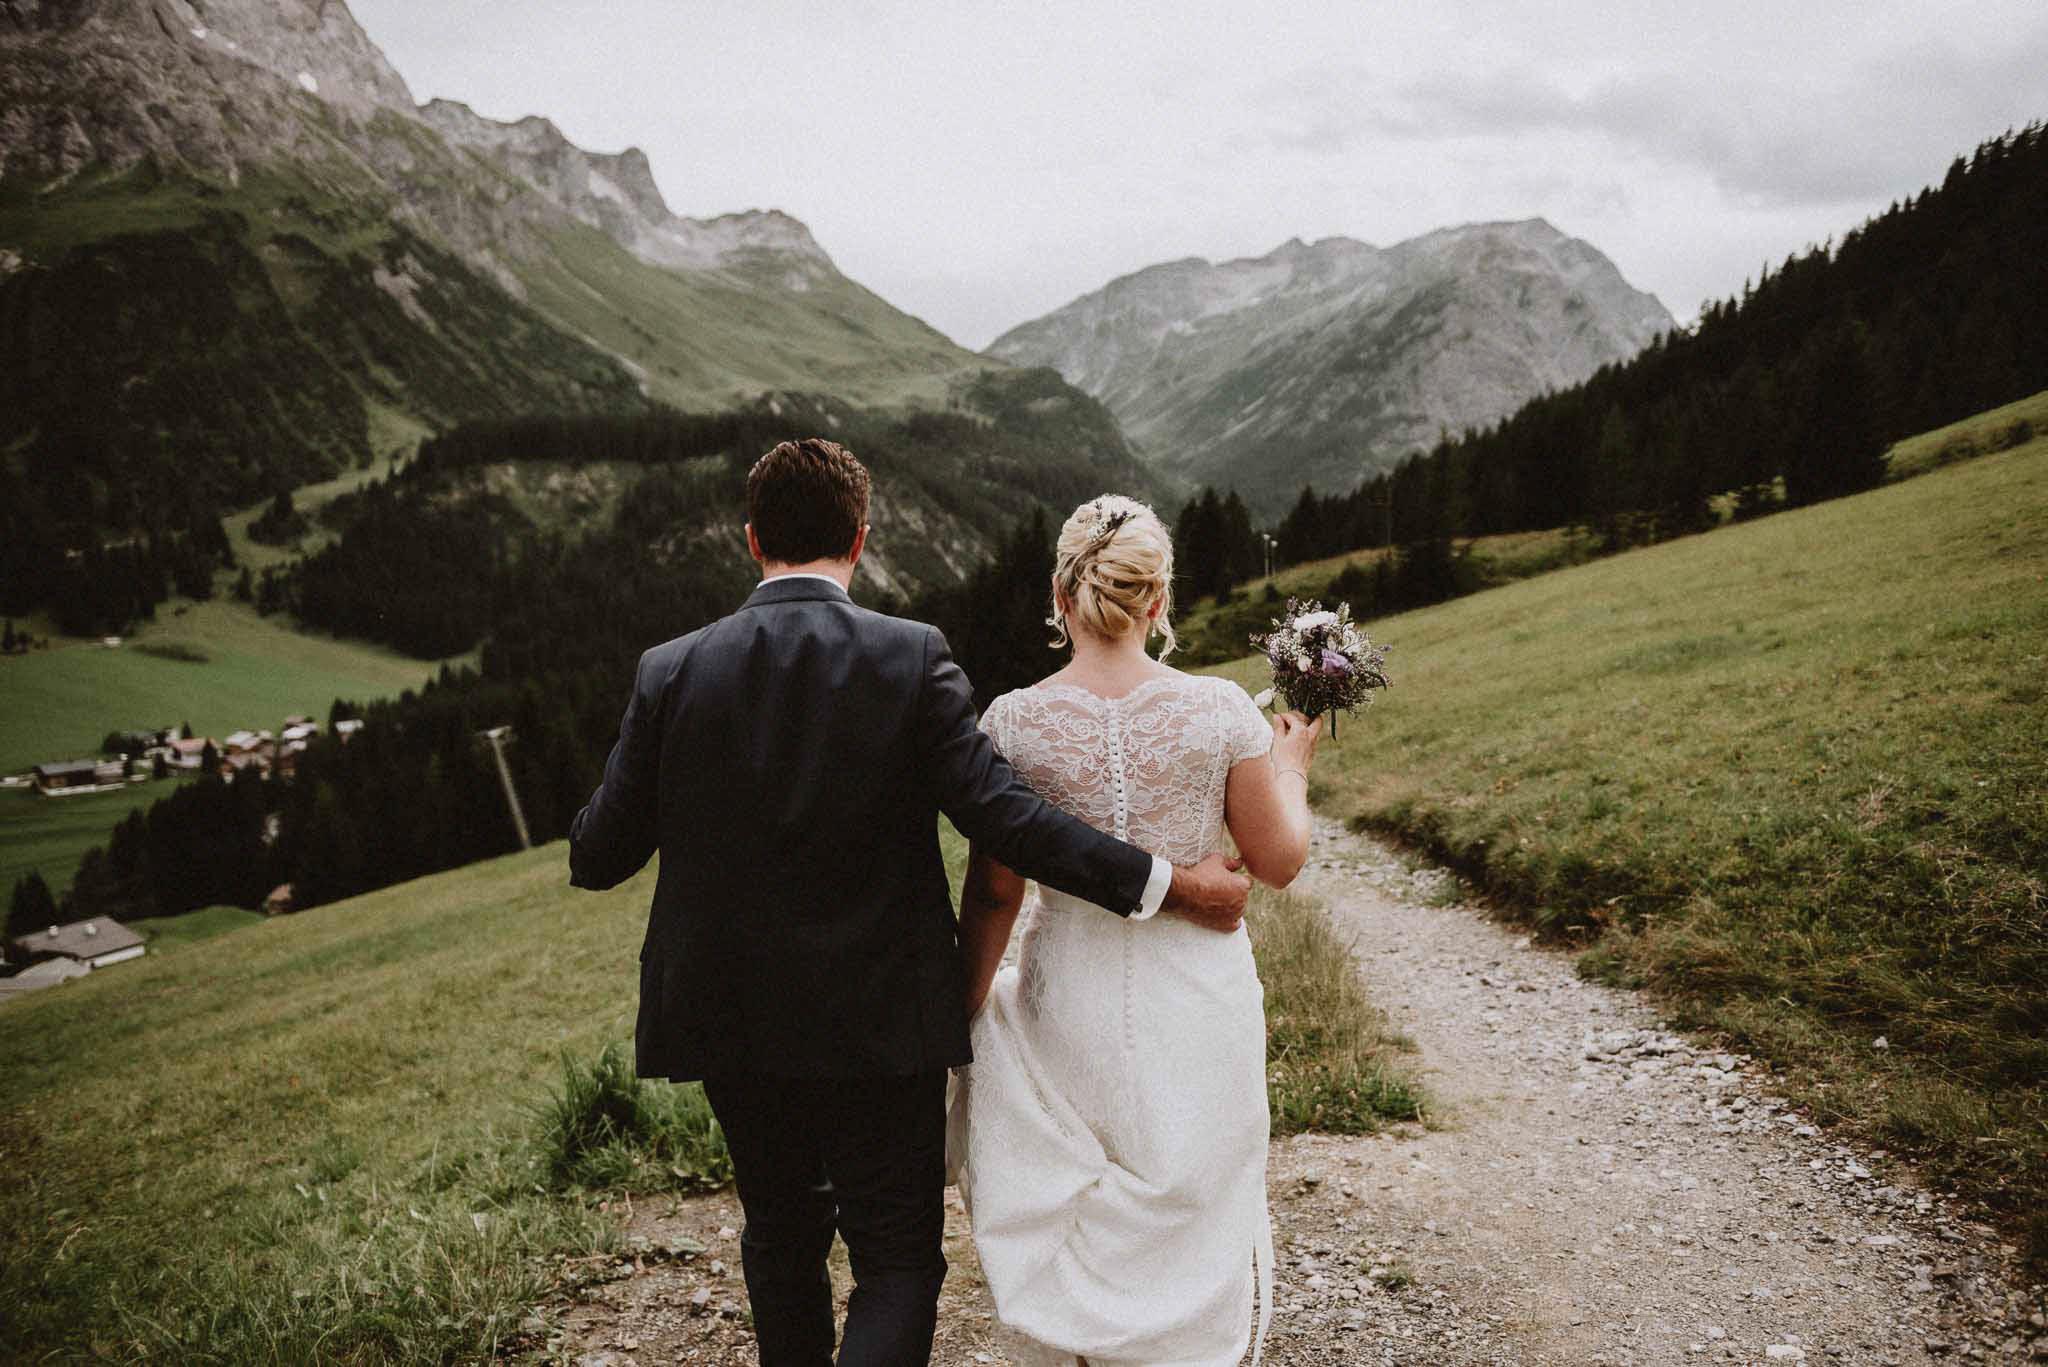 Hochzeit, Berghof, Lech, Bodensee, Österreich, Vorarlberg, Lichtenstein, Süddetuschland, Hochzeitsfotograf Michael Nussbaumer